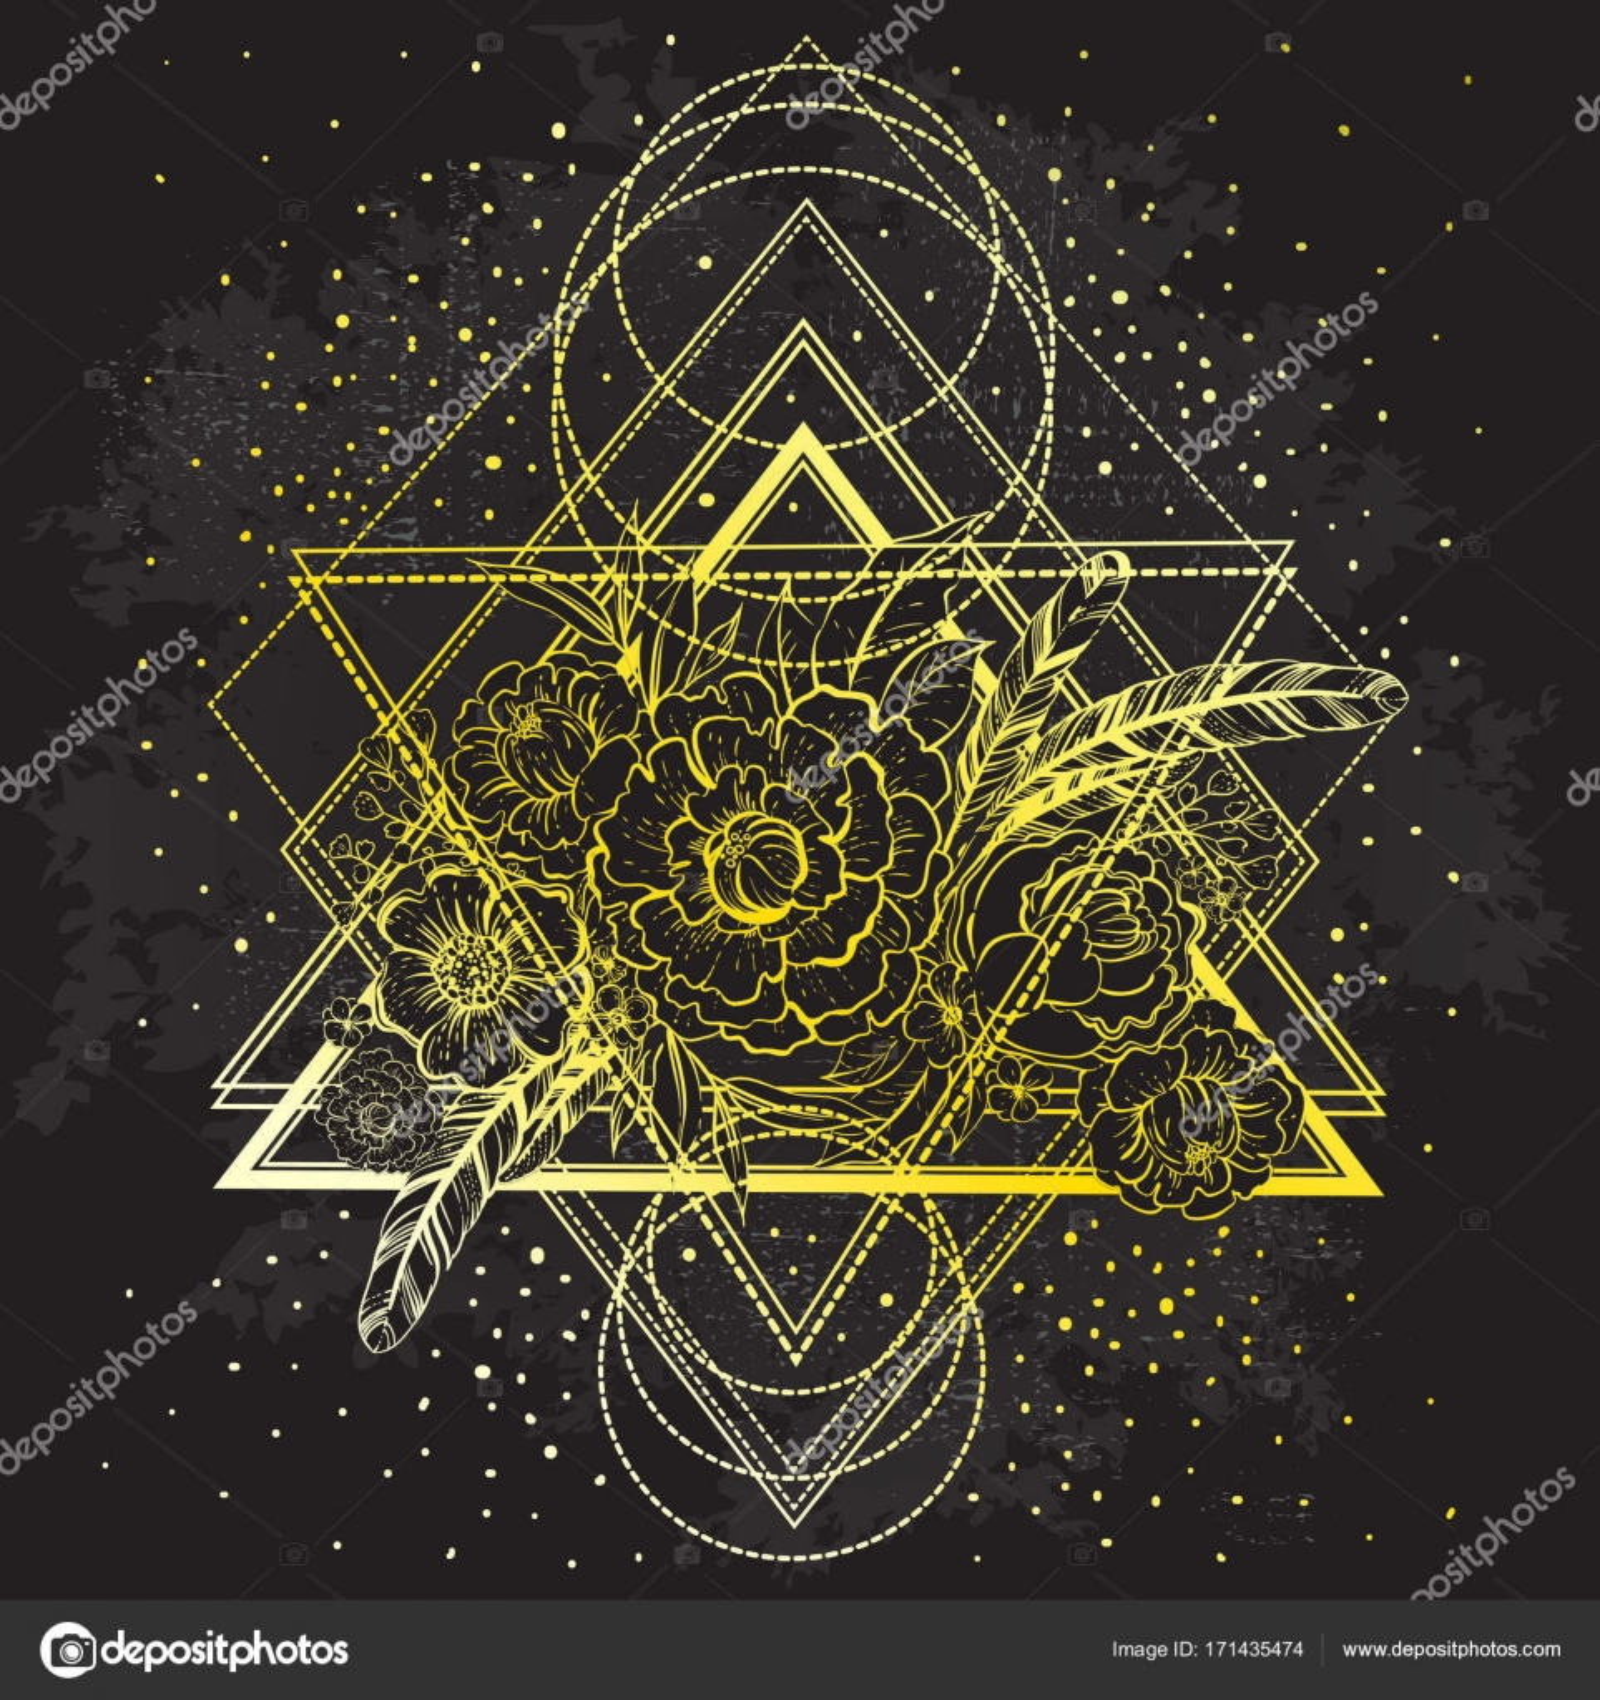 Invitation tendance florale de la Vector boho. Pivoines et plumes sur fond  sombre de la géométrie sacrée. Mystique, romantique, alchimie, concept  occulte, ... 325b9764ebd